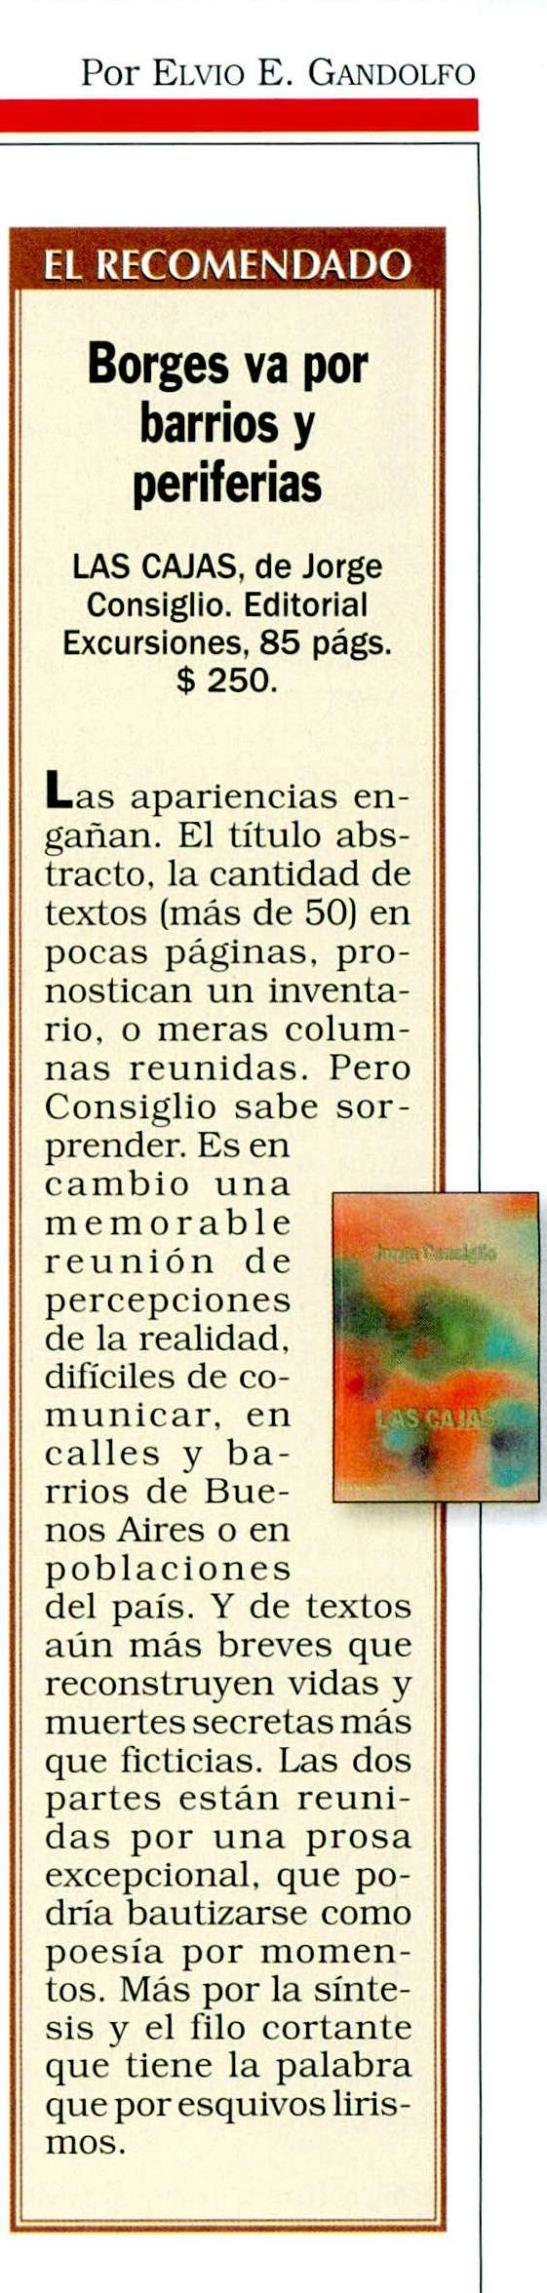 NOTICIAS, 13 DE JUL.1